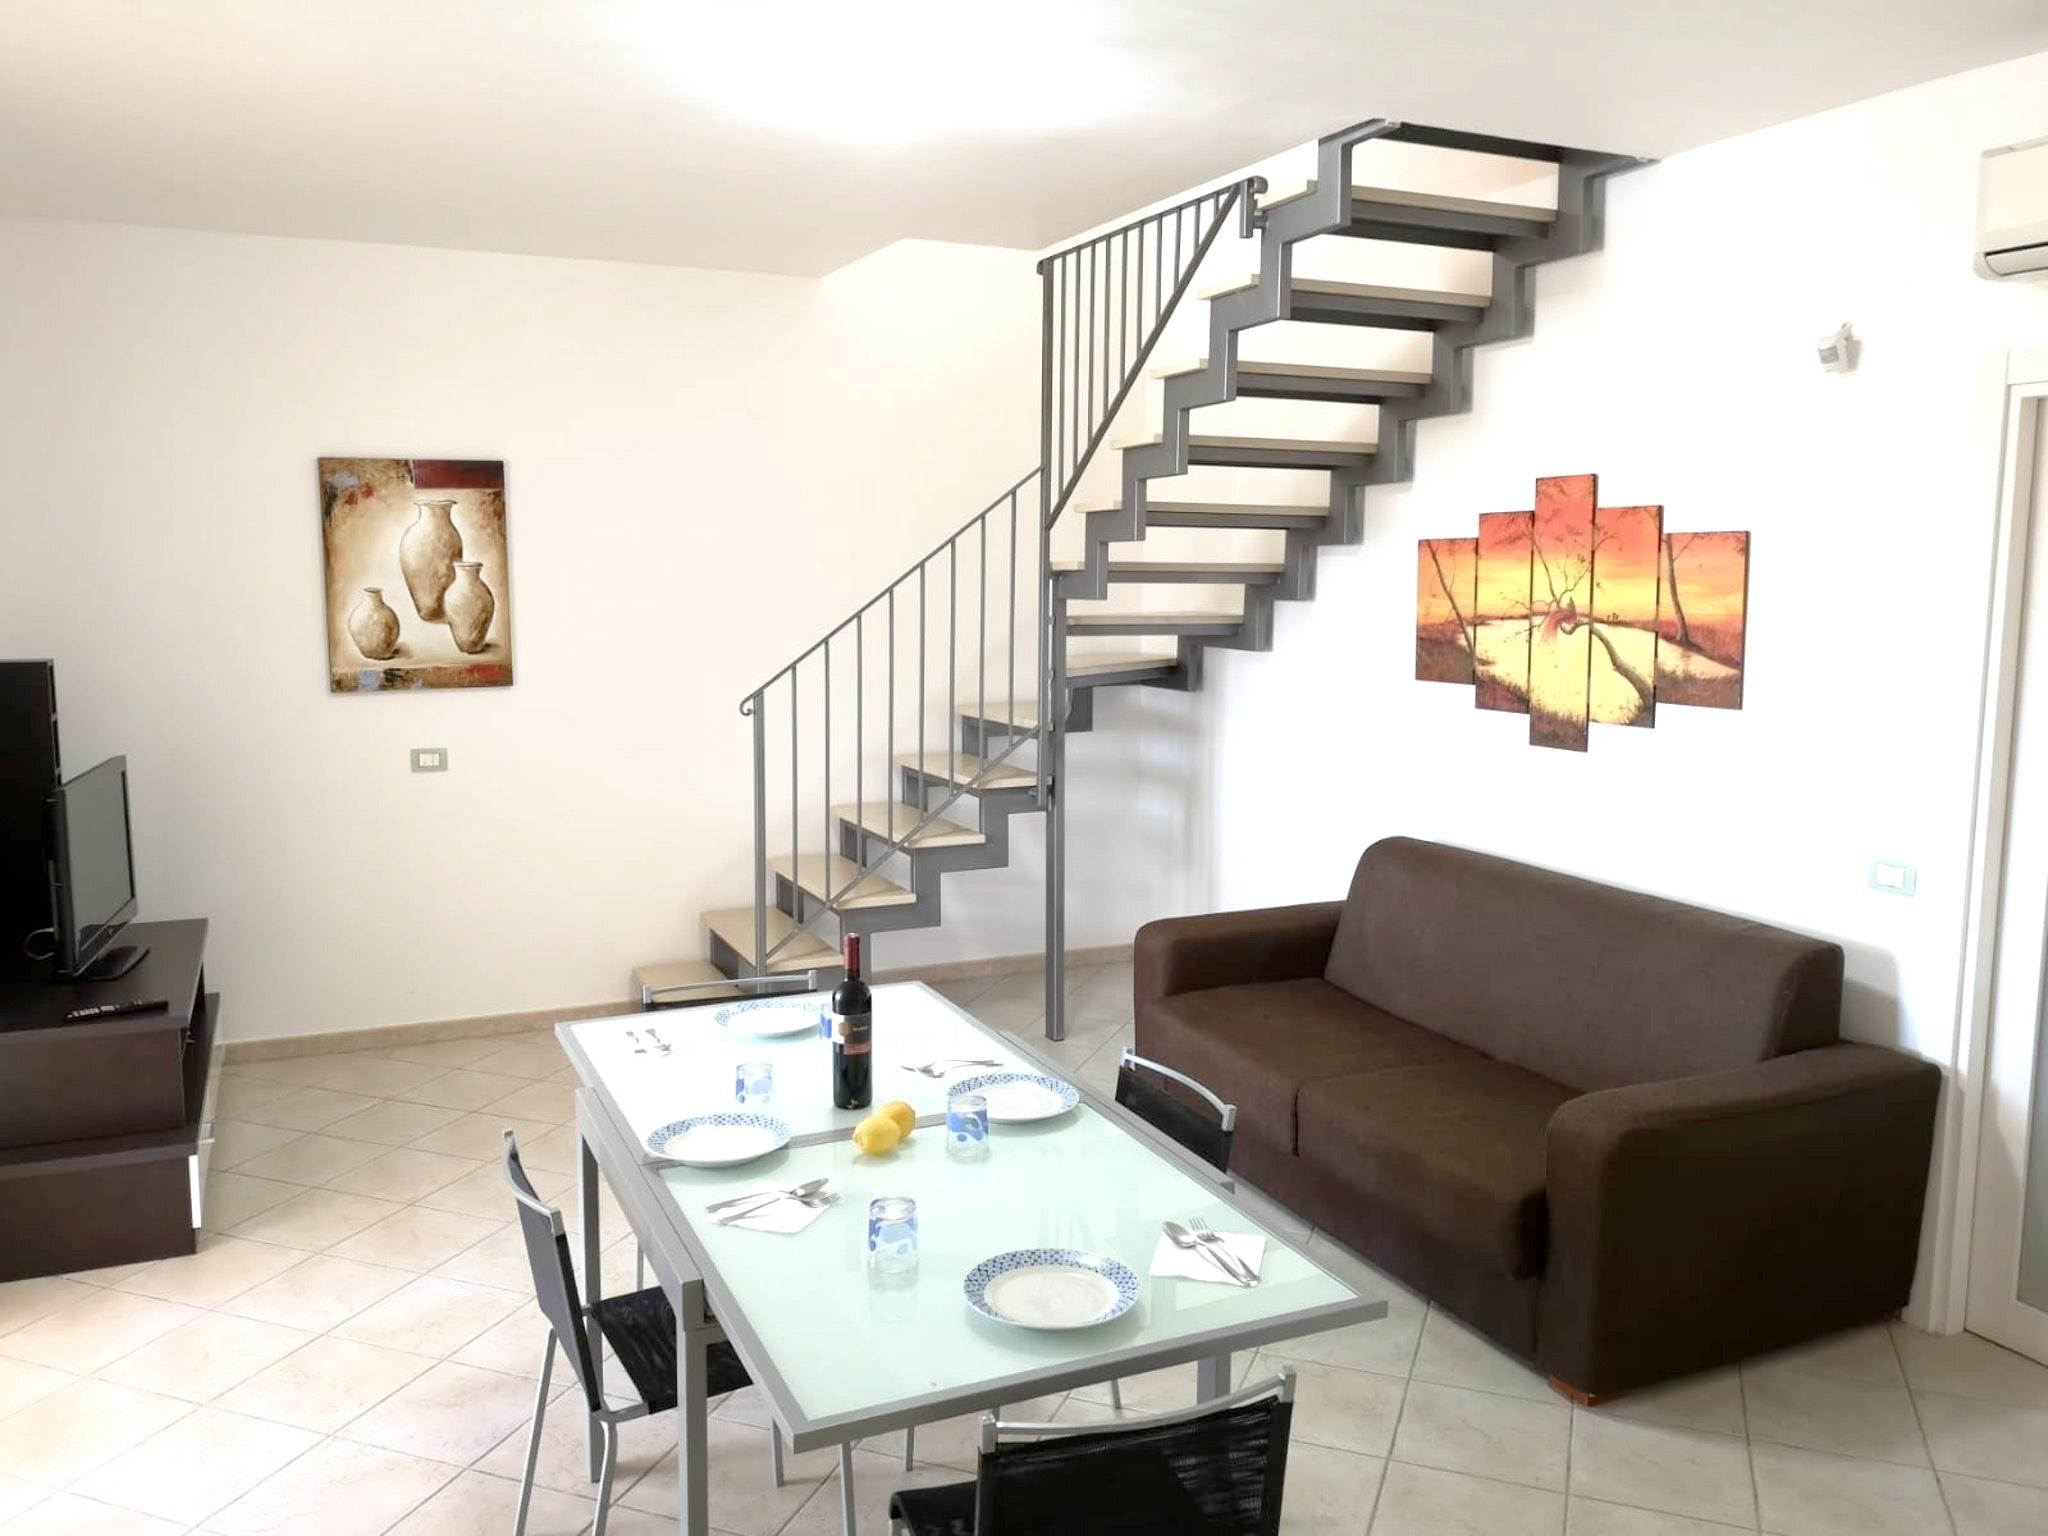 Maison de vacances Villa mit 4 Schlafzimmern in Scicli mit privatem Pool, eingezäuntem Garten und W-LAN - 300 (2617979), Scicli, Ragusa, Sicile, Italie, image 23